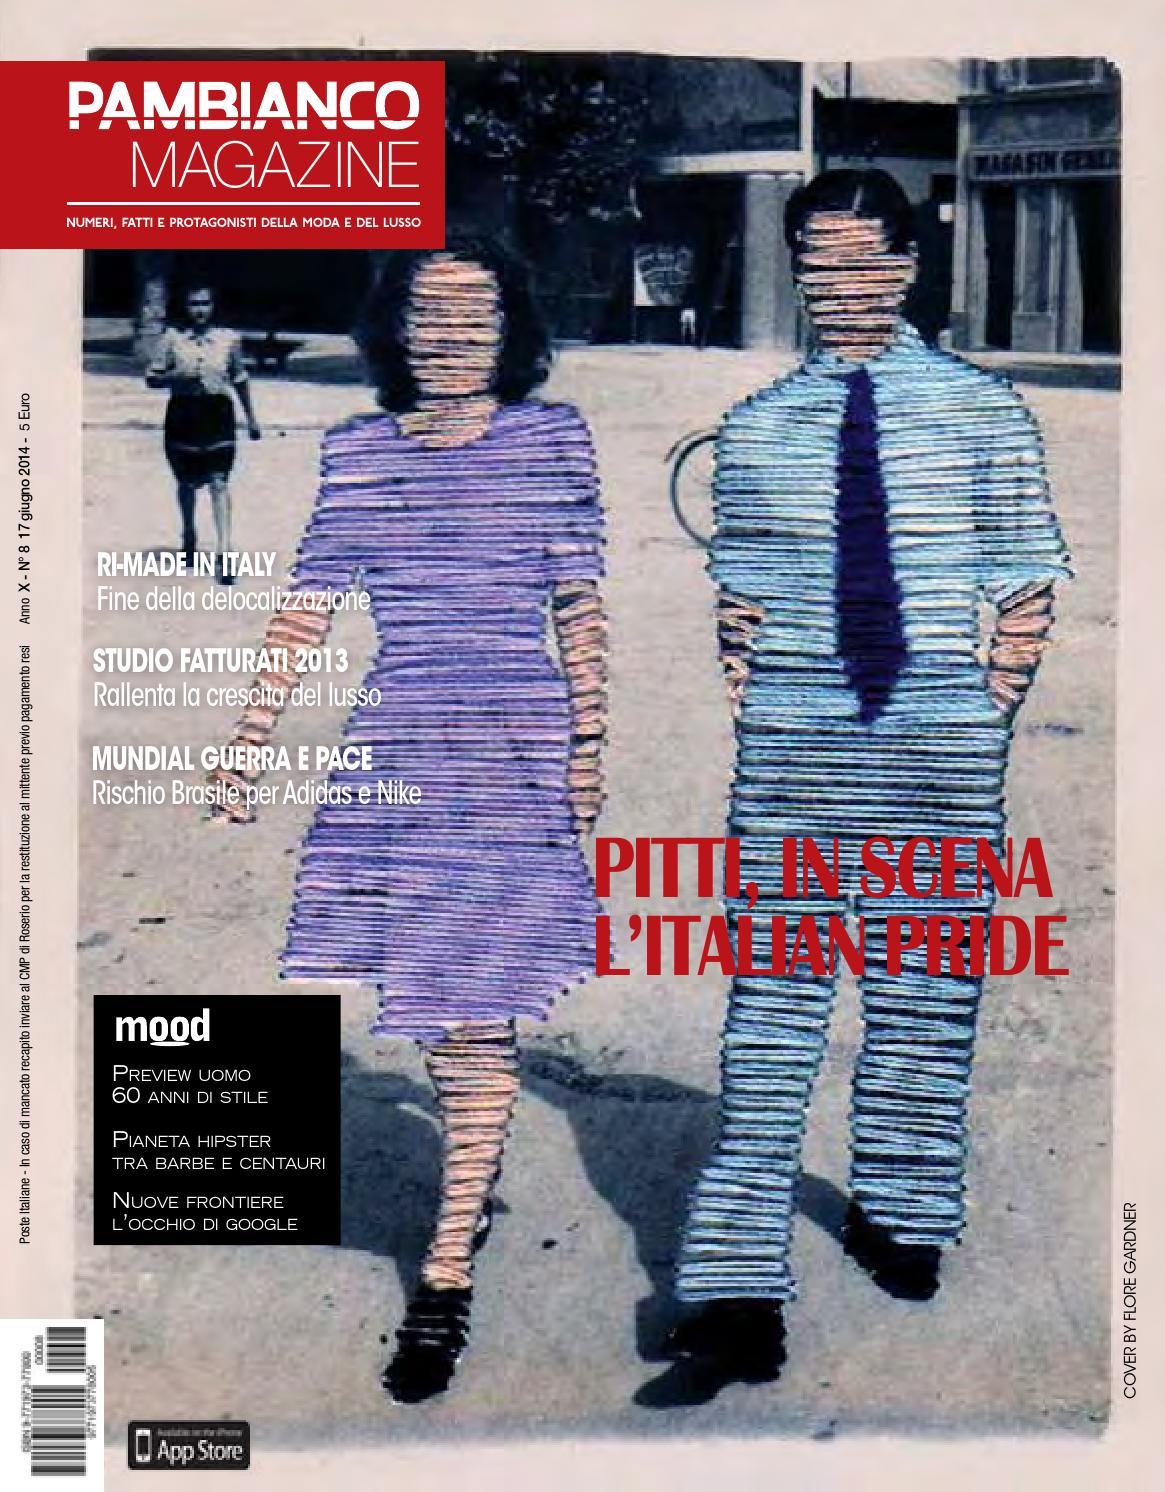 Pambianco Magazine N.8 X by Pambianconews - issuu b5b1223acbe0